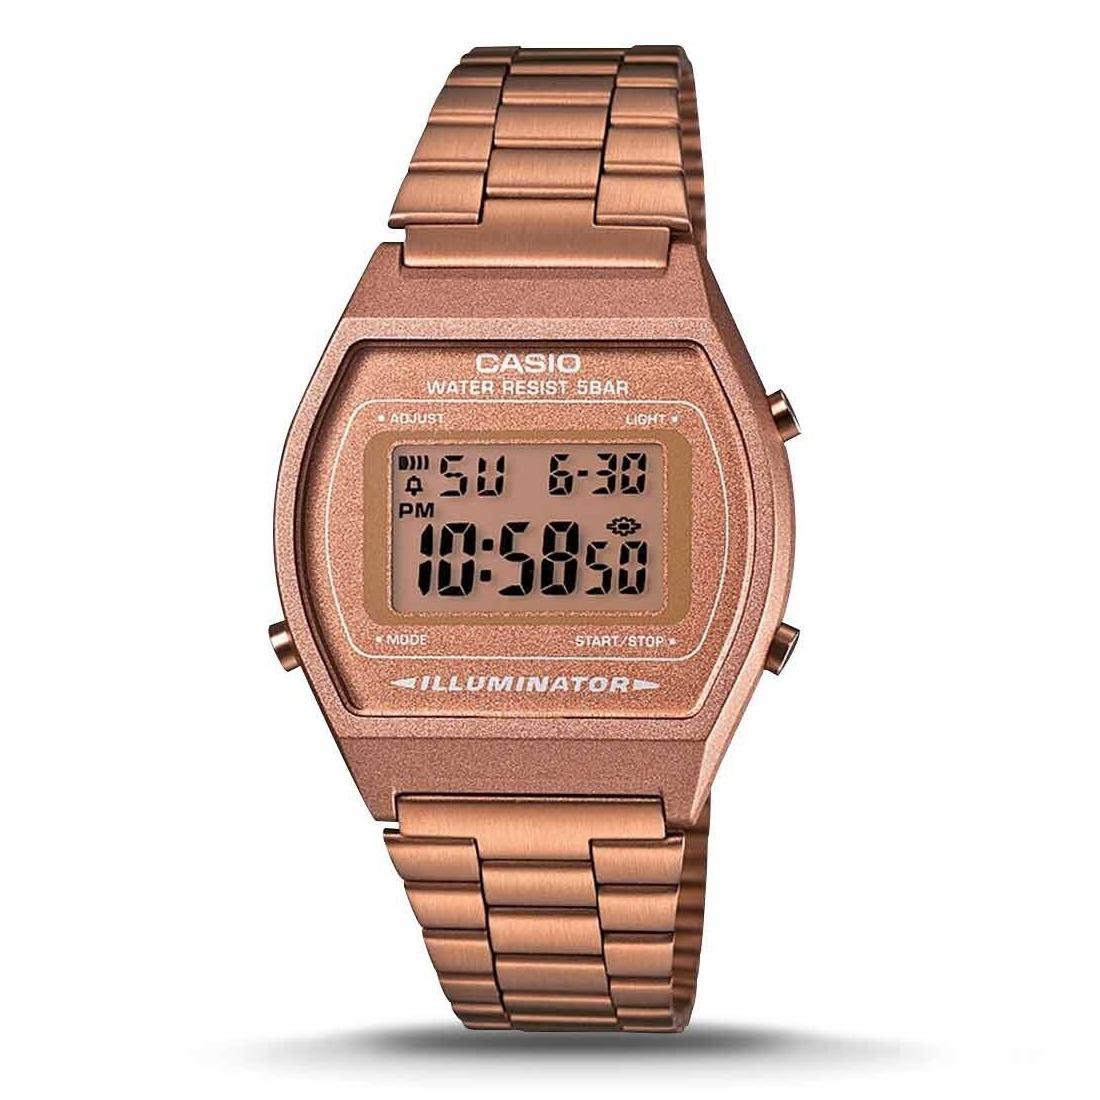 2945b15da8ae reloj casio vintage digital dama b640wc-5a oro rosa. Cargando zoom.